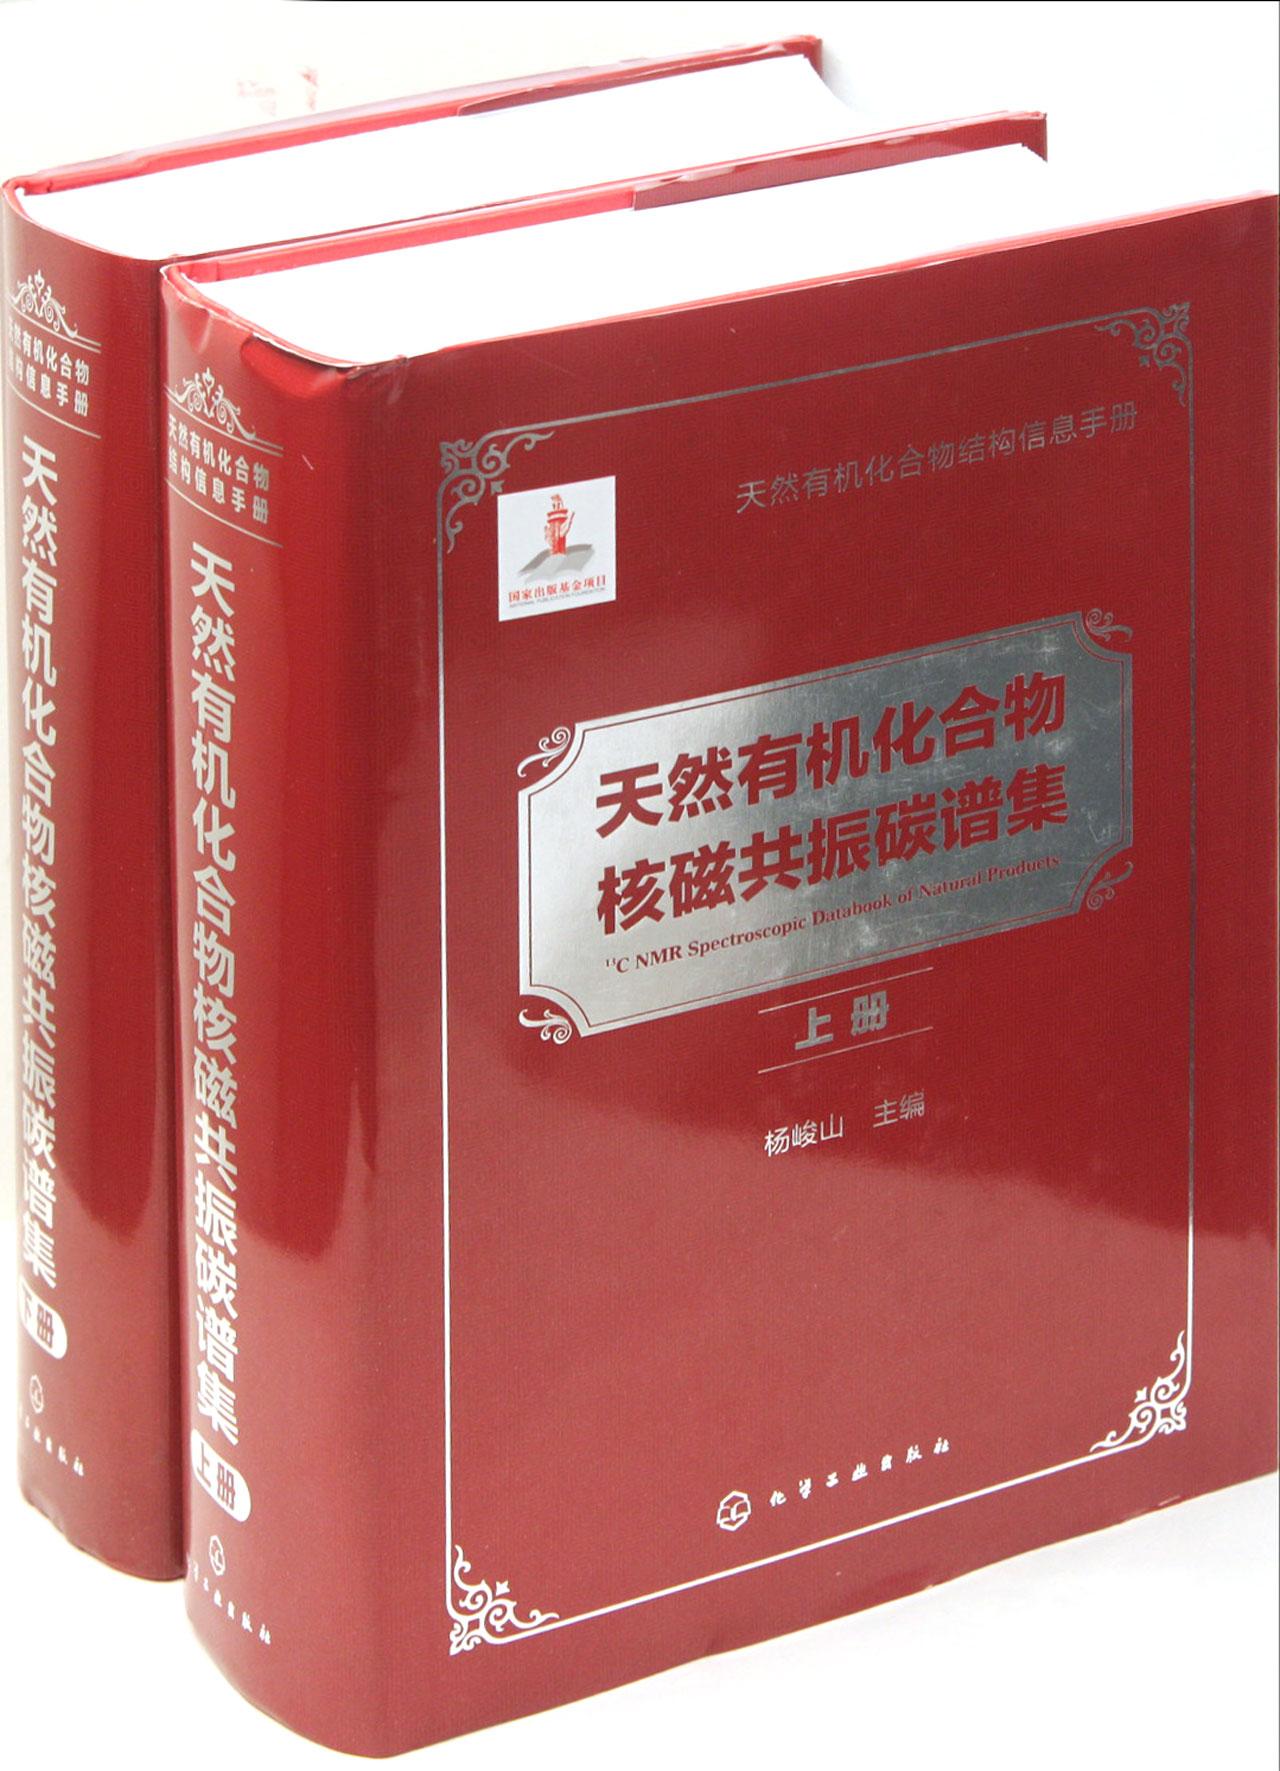 木脂素类化合物